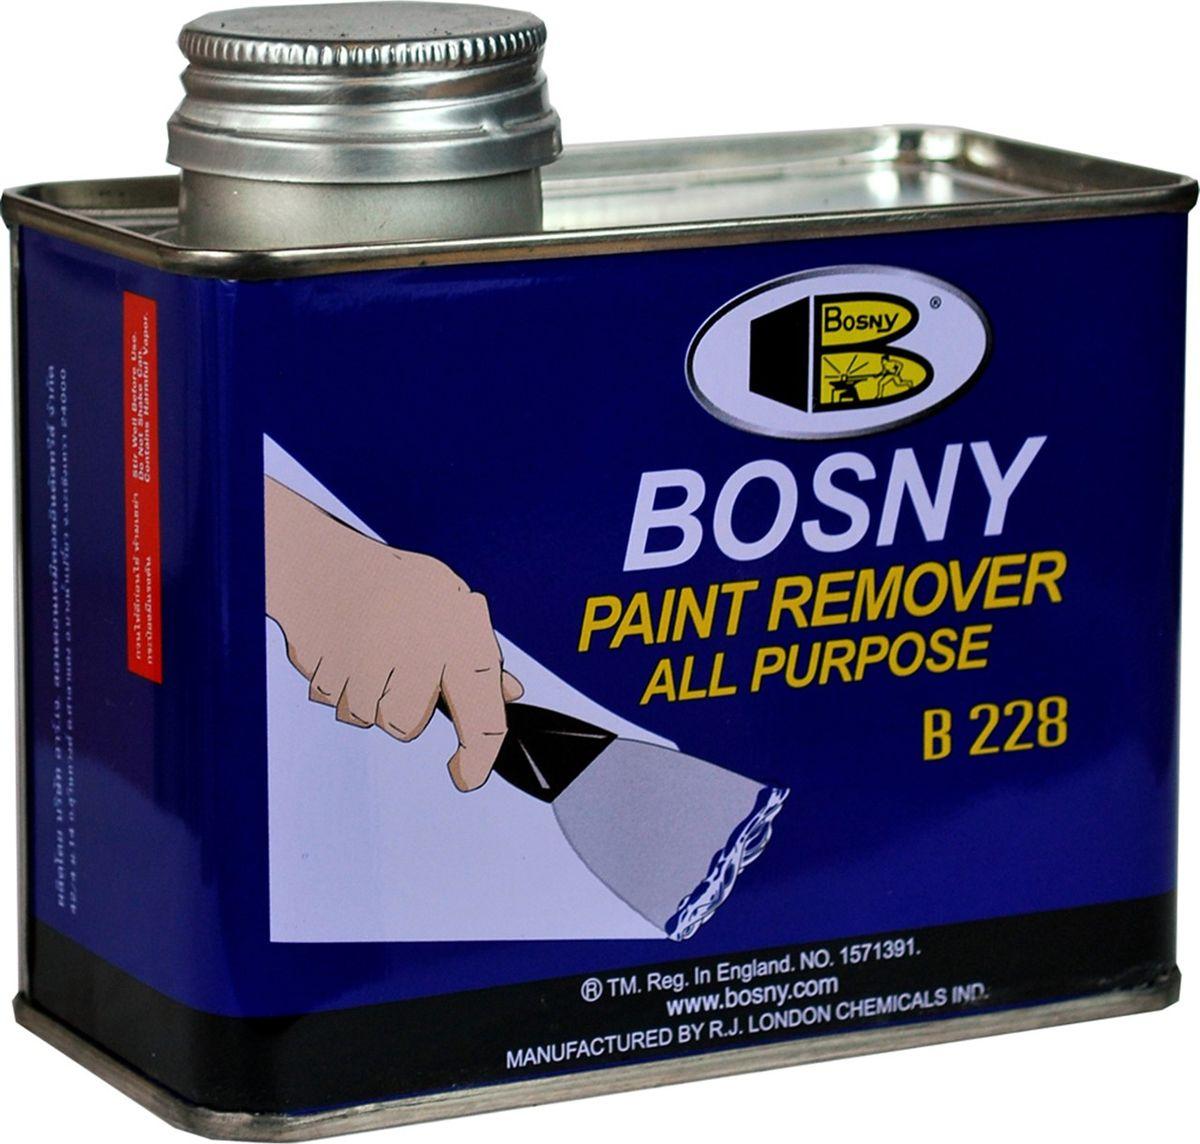 Смывка краски-гель Bosny, универсальная, 3,5 кгK2Универсальнаясмывка краскиBosny Paint Remover –мощное средствона гелевой основе, предназначенное для удаления всевозможных типов краски с окрашенных поверхностей быстро и эффективно, весь процесс занимает лишь несколько минут. Смывка краскиBosny Paint Remover предназначенадля удаления масляных красок, синтетических эмалей, различныхлаков, в том числецеллюлозных, эмалей горячей сушки, и других видов лакокрасочных покрытий. Может использоваться как для бытовых, так и для промышленных целей. Гелевая консистенция смывки имеет несколько преимуществ по сравнению с жидкими или аэрозольными составами: 1. После нанесения гелеобразный состав образует равномерный слой одинаковой толщины по всей поверхности. 2. Можно легко и точно дозировать расход материала. 3. Исключено попадание случайных брызг на соседние участки поверхности. 4. Не требует предварительного размешивания